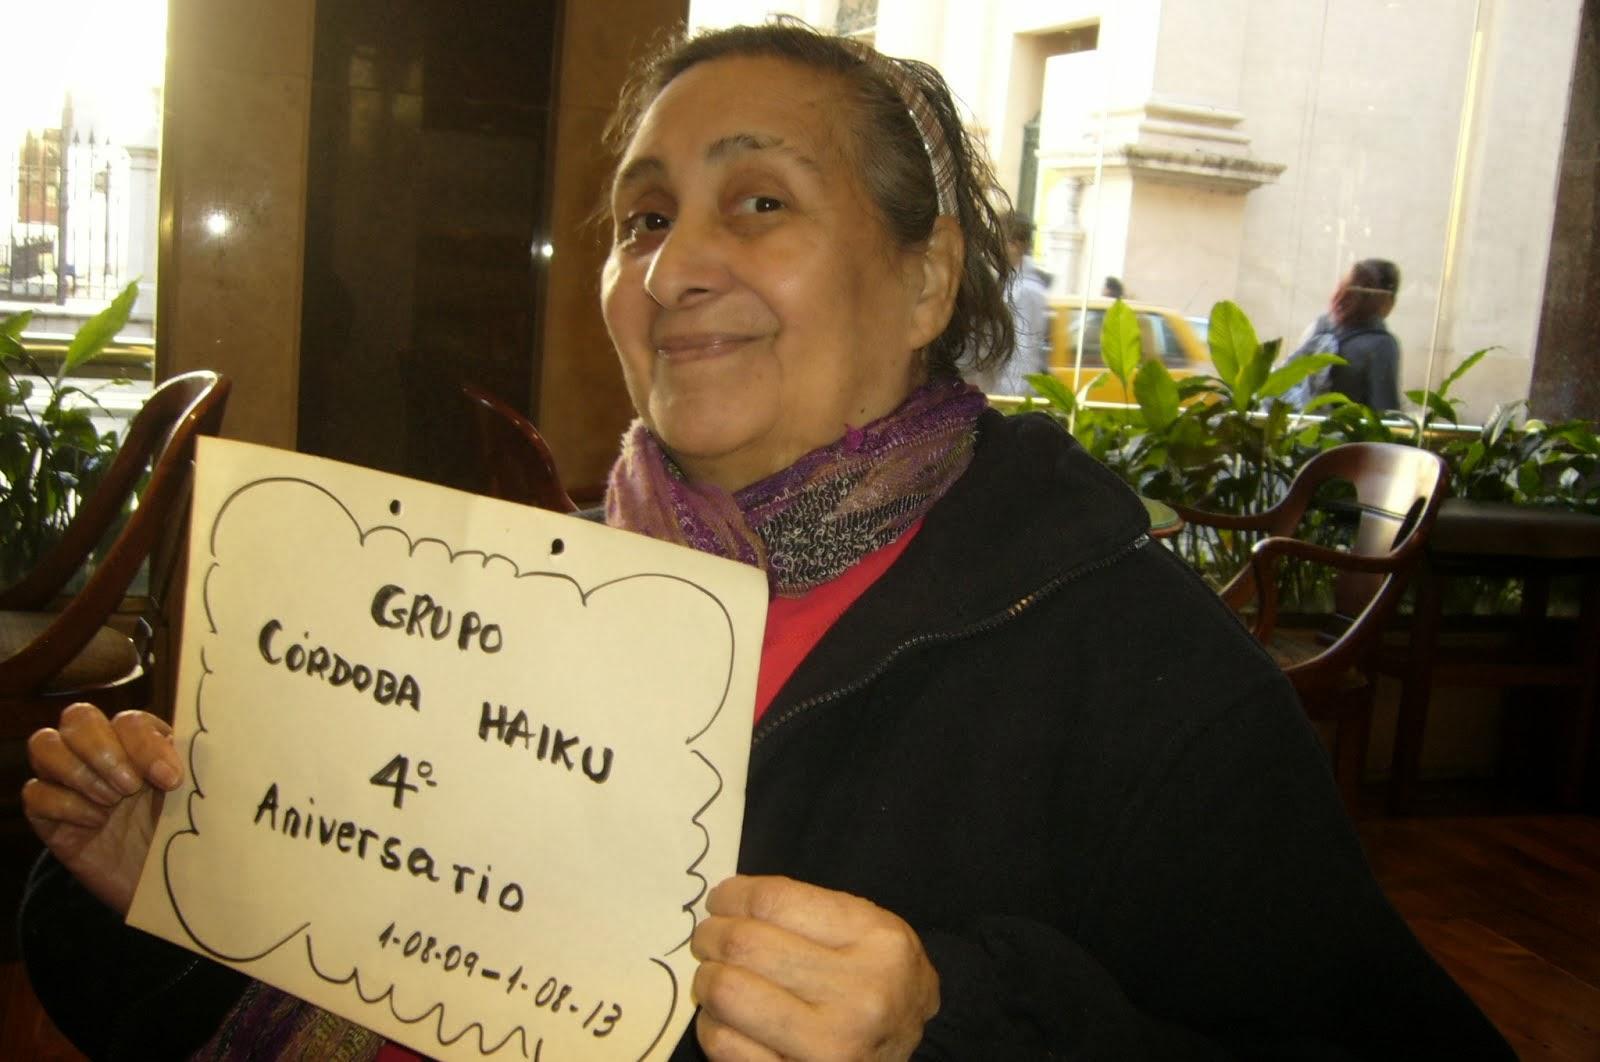 Aniversario del Grupo Córdoba Haiku